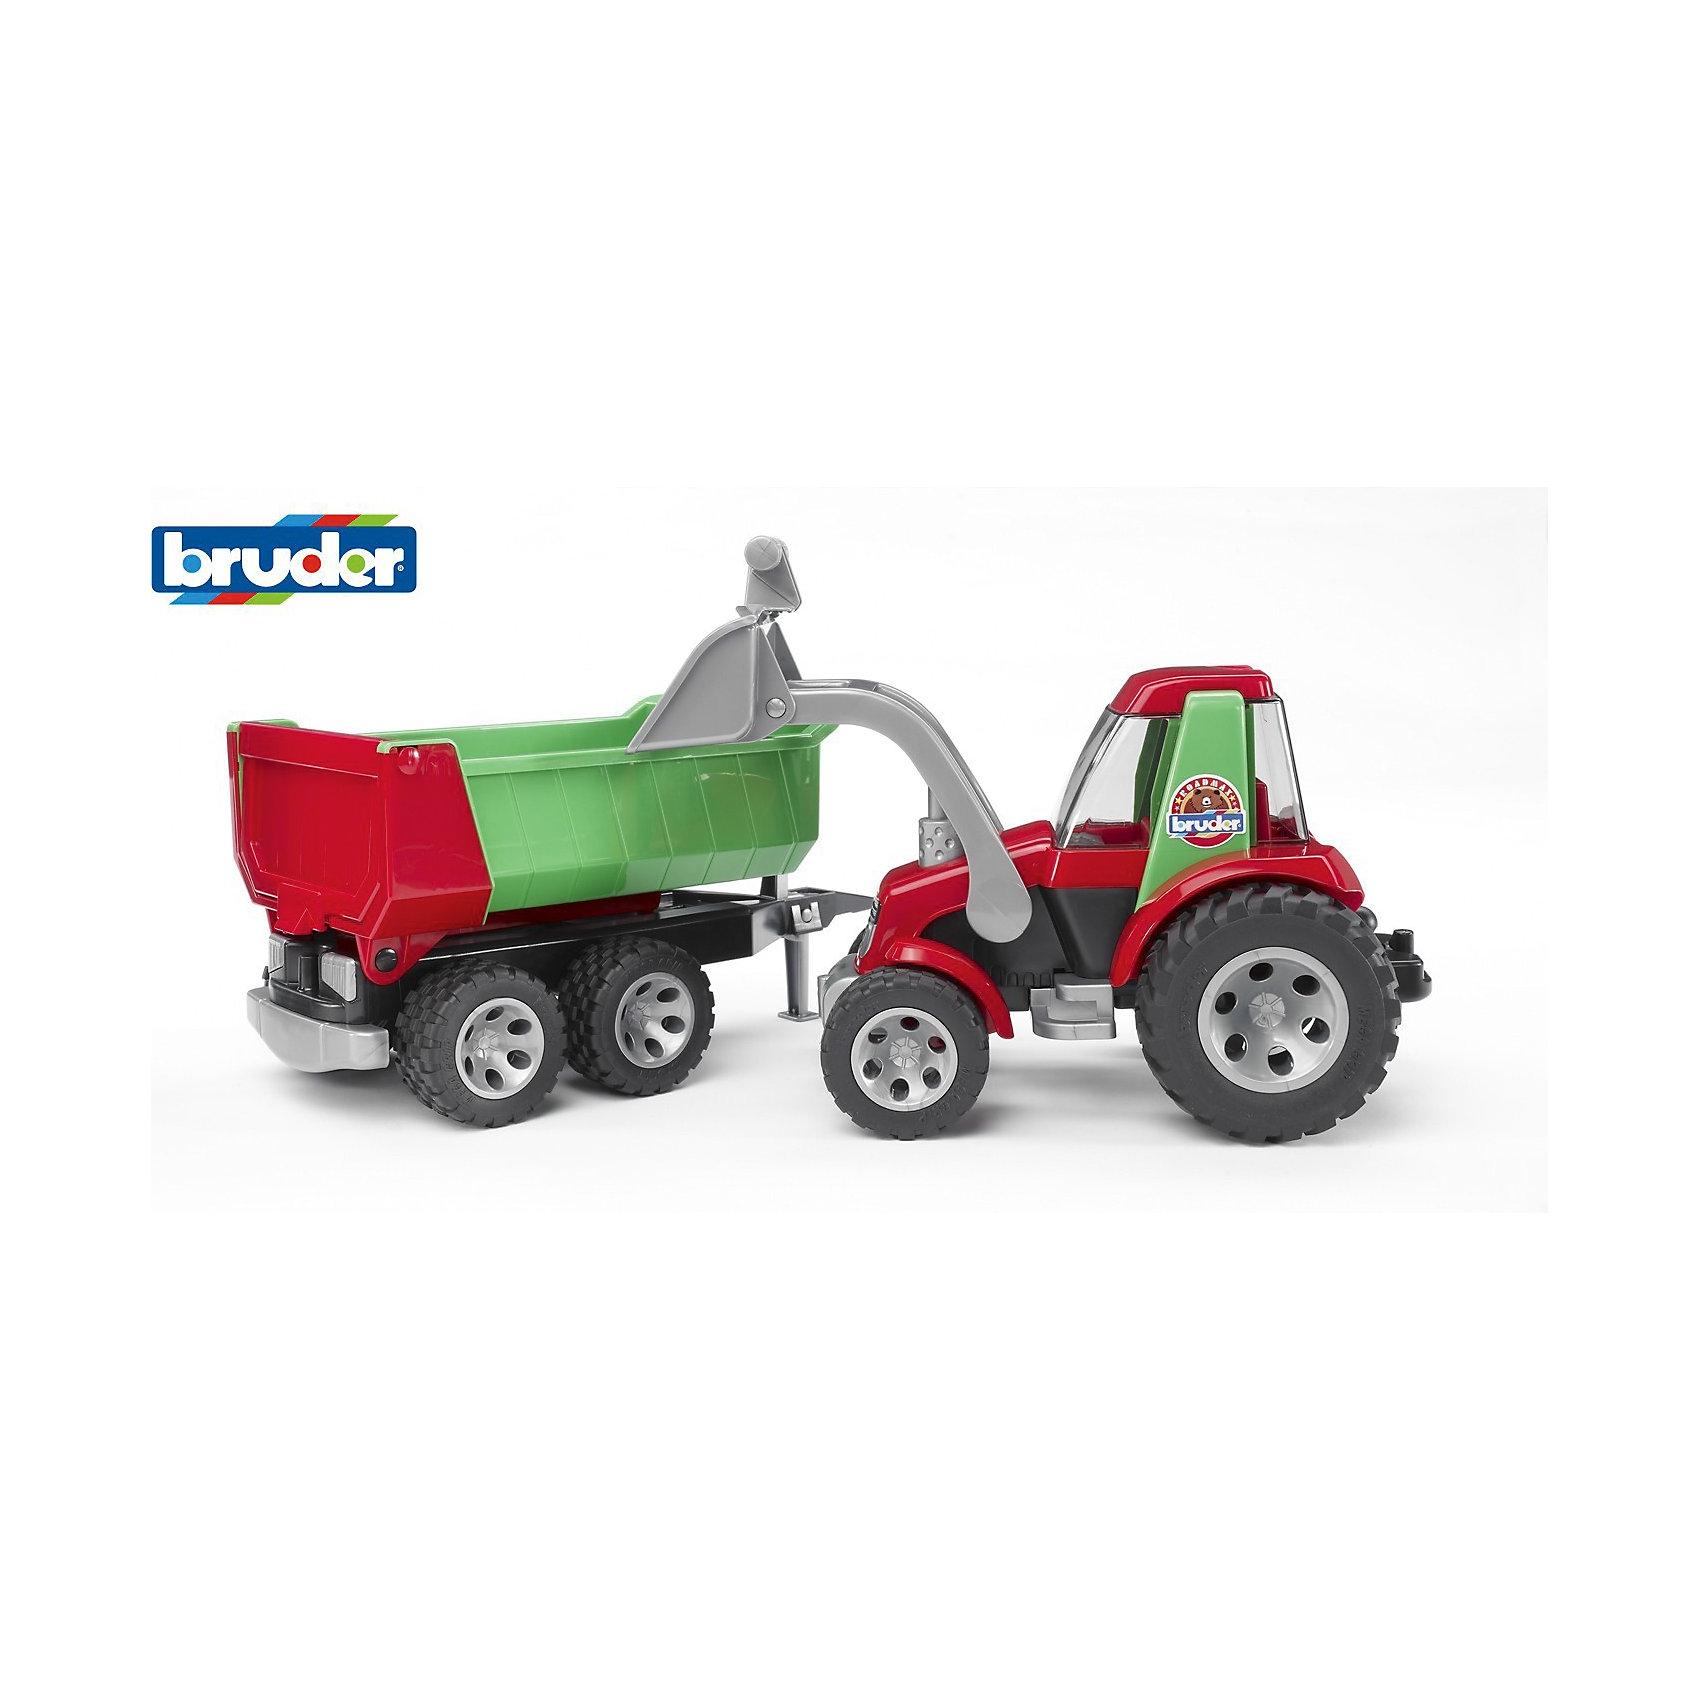 ROADMAX Трактор с ковшом и прицепом, BruderМашинки<br>ROADMAX Трактор с ковшом и прицепом, Bruder (Брудер) - это качественная детализированная игрушка с подвижными элементами.<br>ROADMAX Трактор с ковшом и прицепом от немецкого производителя игрушек Bruder (Брудер) - это уменьшенная полноценная копия настоящей машины! Машина имеет массу преимуществ и функций, она заинтересует или разовьет интерес ребенка к миру автомеханики. У трактора прозрачная кабина с откидным верхом, съемный прицеп с откидывающимся задним бортом. Ковш поднимается и опускается и при необходимости может быть зафиксирован в любом положении. Ковш может делать зачерпывающие движения, управление происходит с помощью специального рычажка. Широкие колёса с крупным протектором обеспечат хорошую проходимость. Колеса прорезиненные. Они не гремят при езде и не царапают пол. Игрушка изготовлена из высококачественного пластика, устойчивого к износу и ударам. Продукция сертифицирована, экологически безопасна для ребенка, использованные красители не токсичны и гипоаллергенны.<br><br>Дополнительная информация:<br><br>- Размер: 67,5 х 18,3 х 18,5 см.<br>- Масштаб 1:16<br>- Материал: высококачественный ударопрочный пластик<br>- Цвет: красный, зеленый, черный, серый<br><br>ROADMAX Трактор с ковшом и прицепом, Bruder (Брудер) можно купить в нашем интернет-магазине.<br><br>Ширина мм: 704<br>Глубина мм: 198<br>Высота мм: 215<br>Вес г: 1645<br>Возраст от месяцев: 24<br>Возраст до месяцев: 60<br>Пол: Мужской<br>Возраст: Детский<br>SKU: 1999712